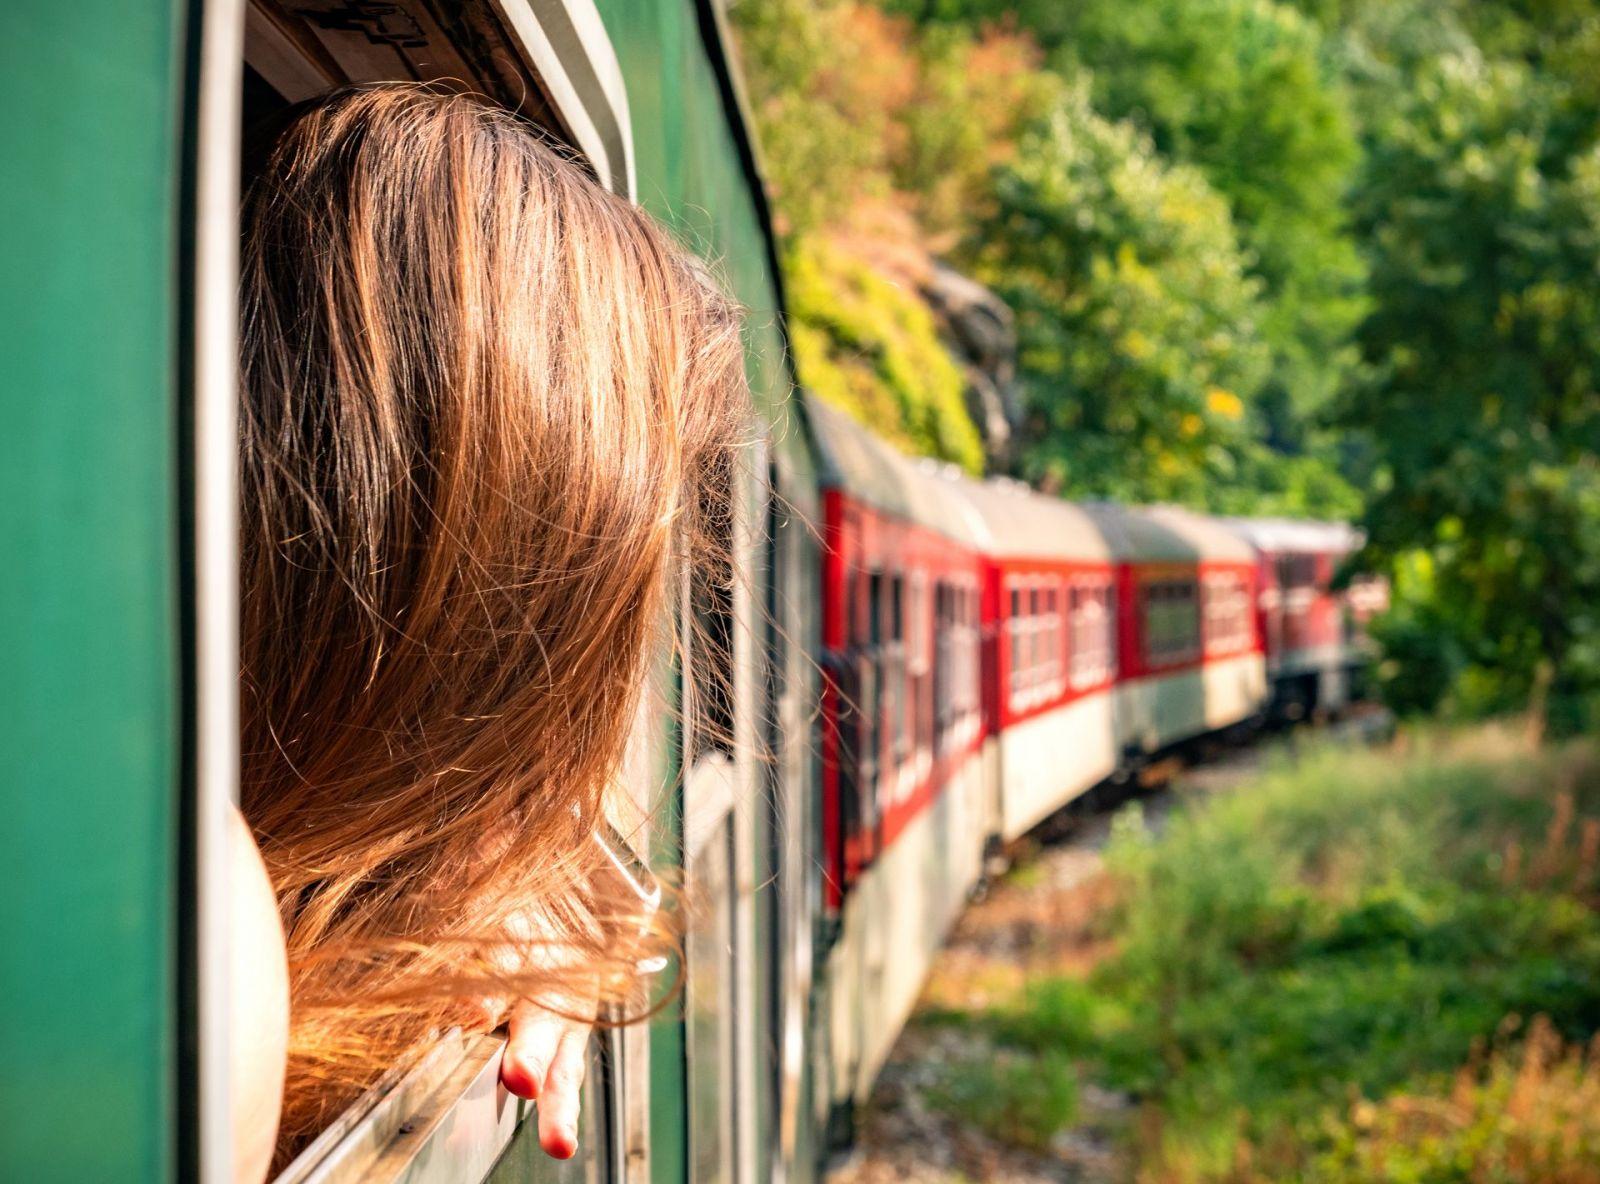 Die langsame Art des Reisens wird wiederentdeckt: Beim Slow Travel geht der Urlaub schon auf dem Weg in die Zielregion los.  ©maribom/AdobeStock